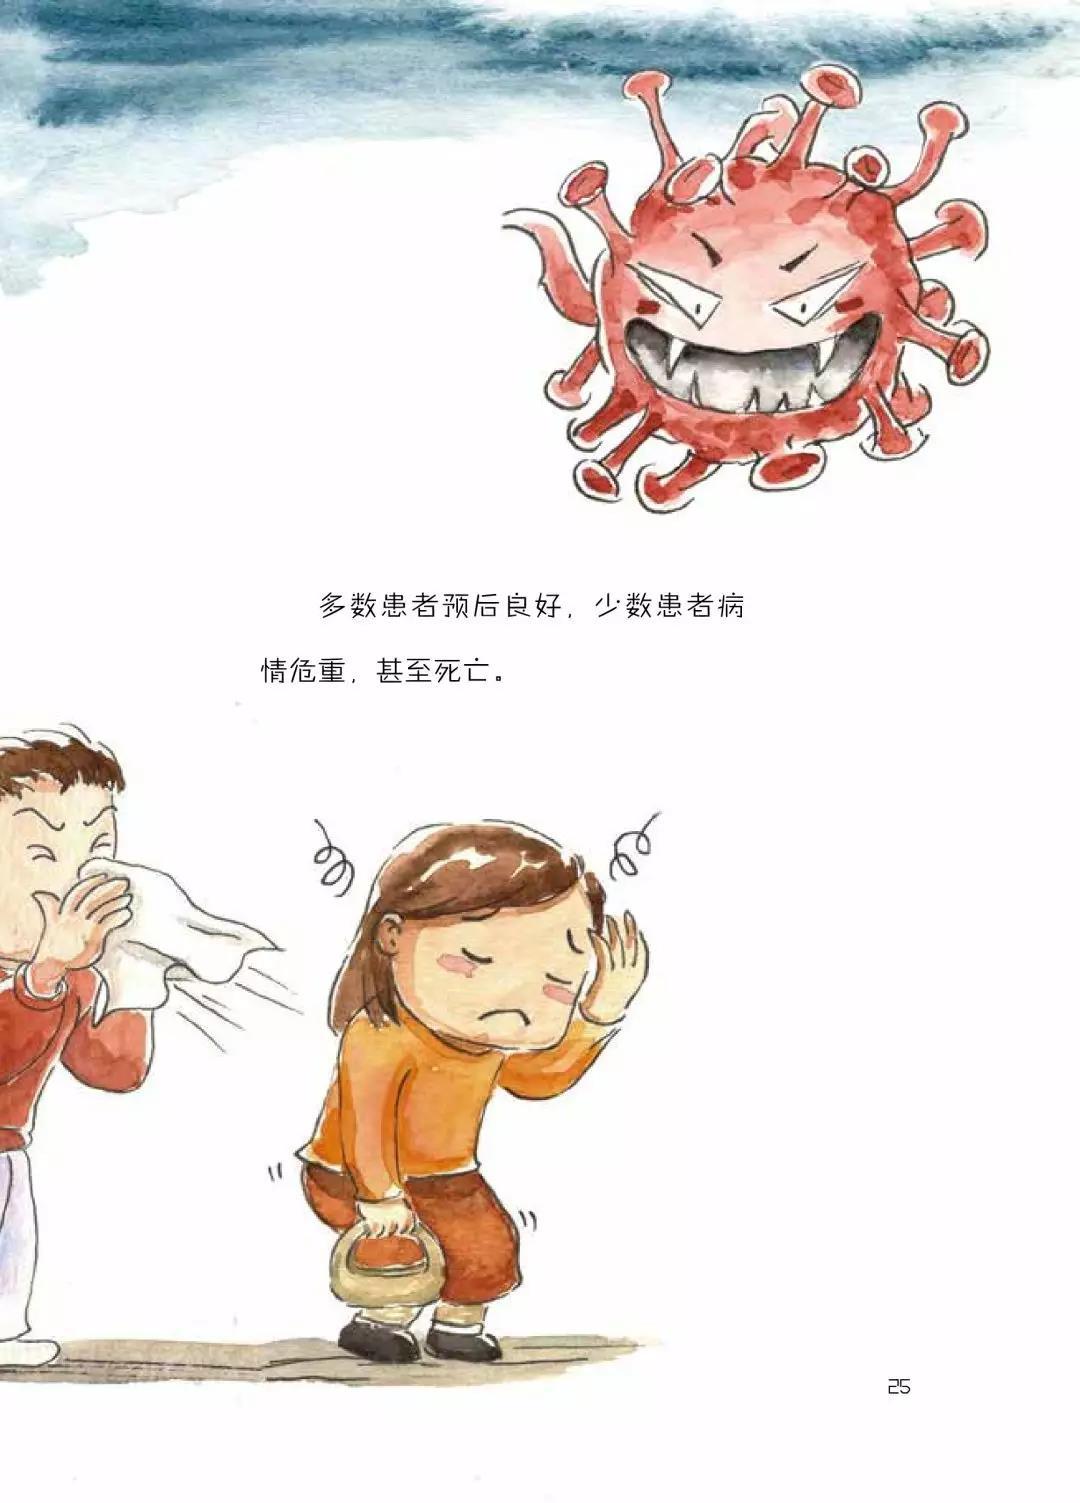 05,大魔王新型冠状病毒喜欢什么样的人?图片